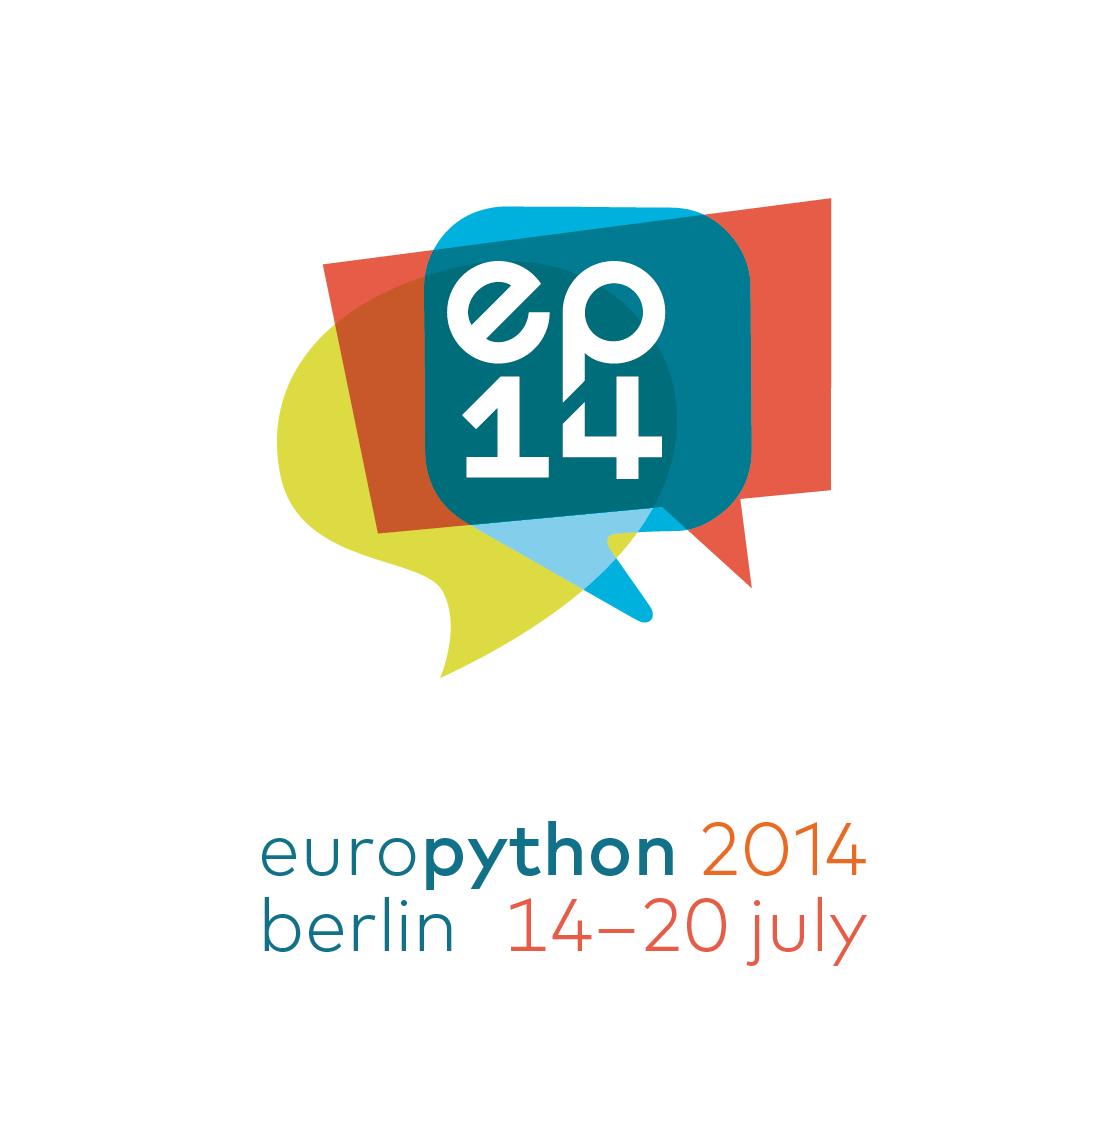 europython 2014 Logo